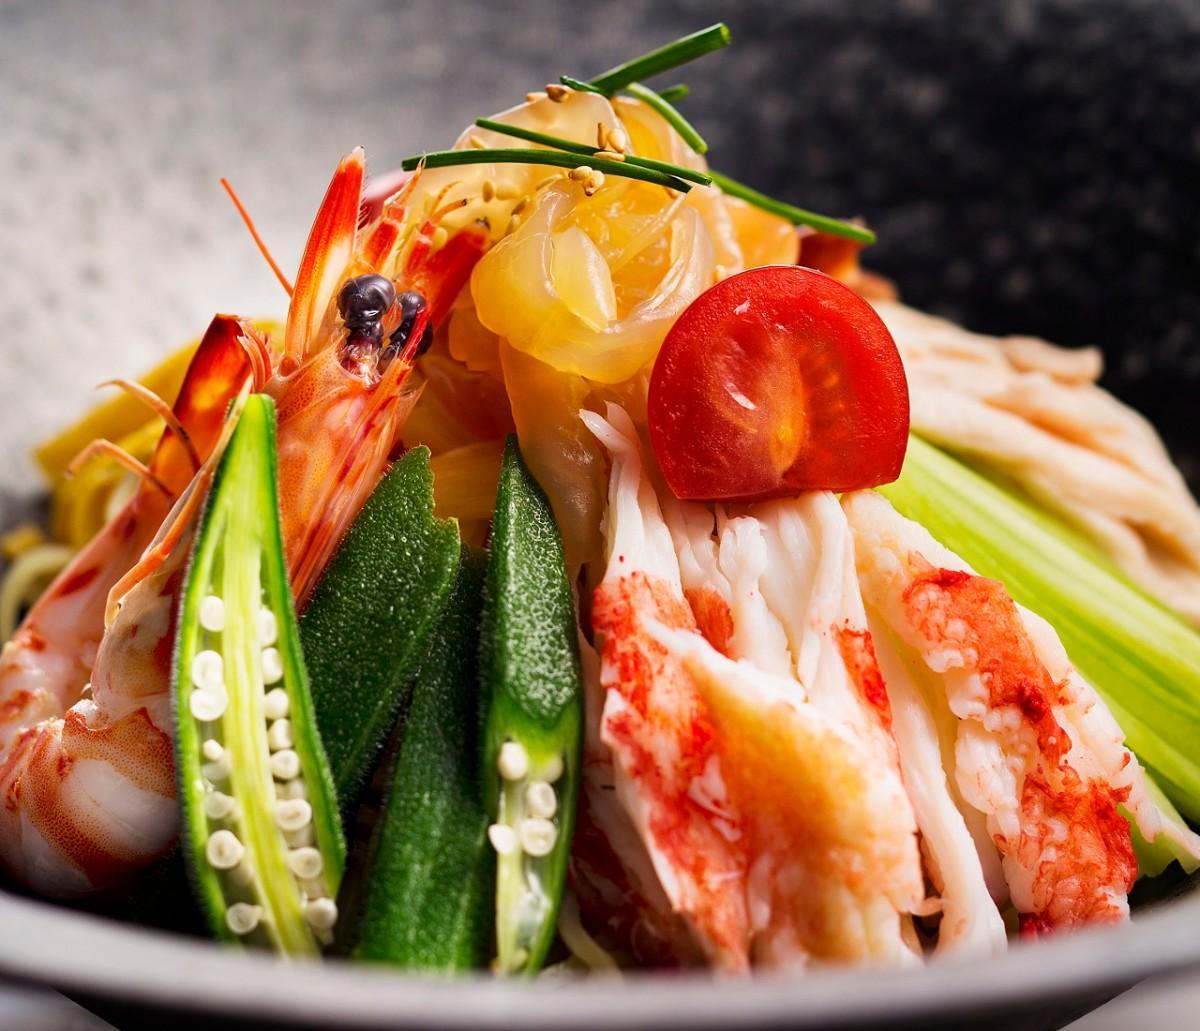 ミニトマト、オクラ、キュウリなどを添える定番の冷やしそば「花梨涼拌麺」